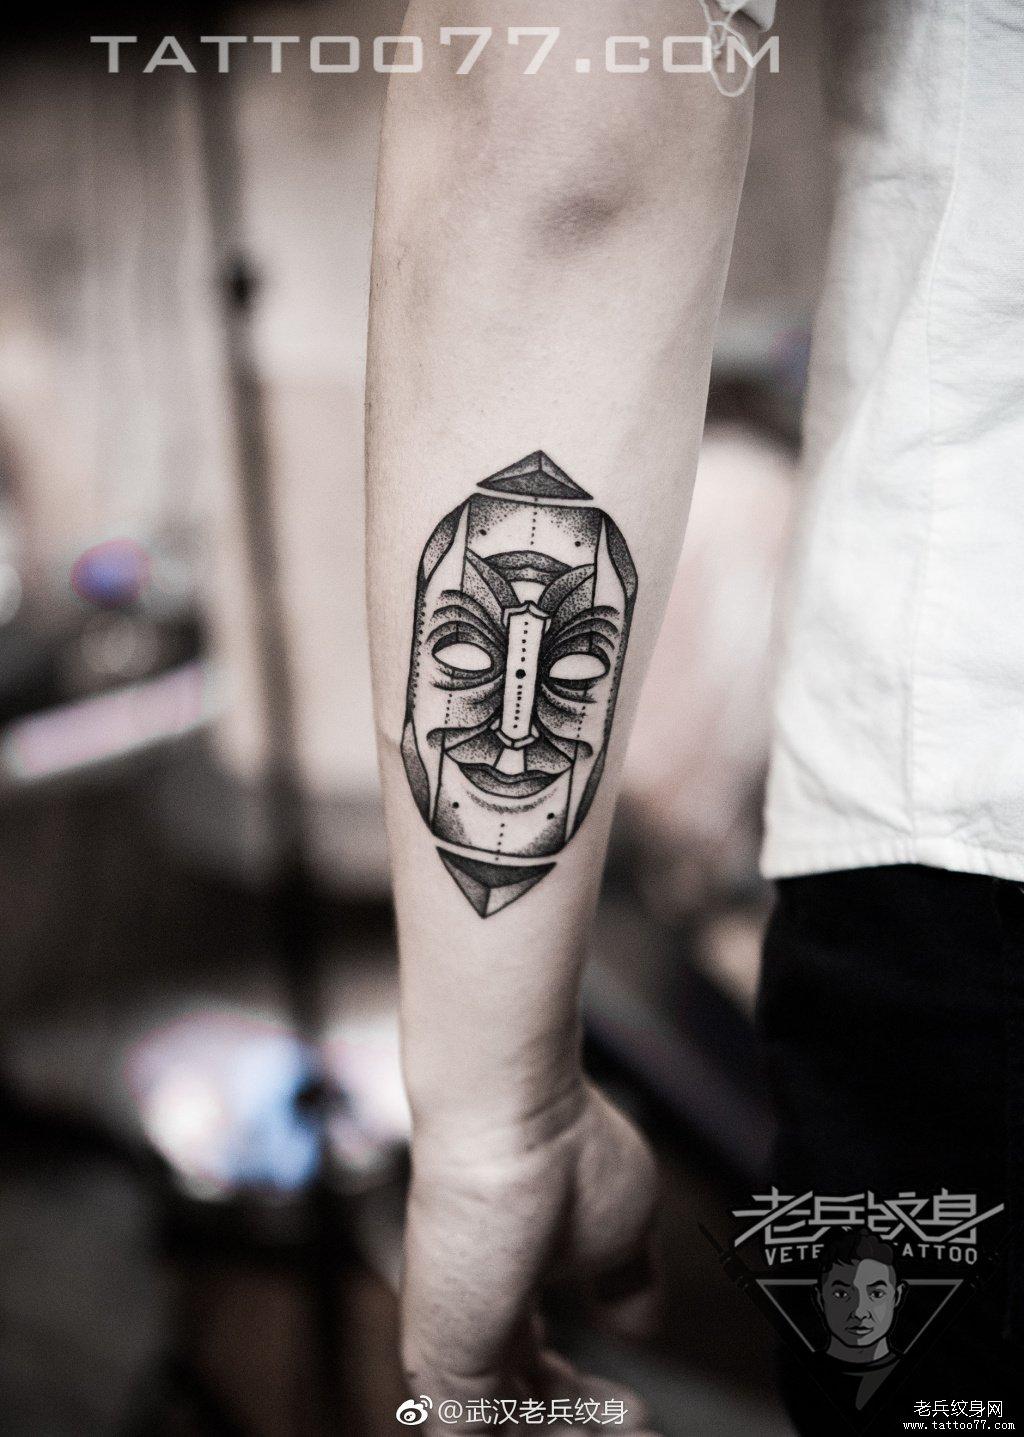 纹身图案大全          0 喜欢         浏览           手臂脸谱